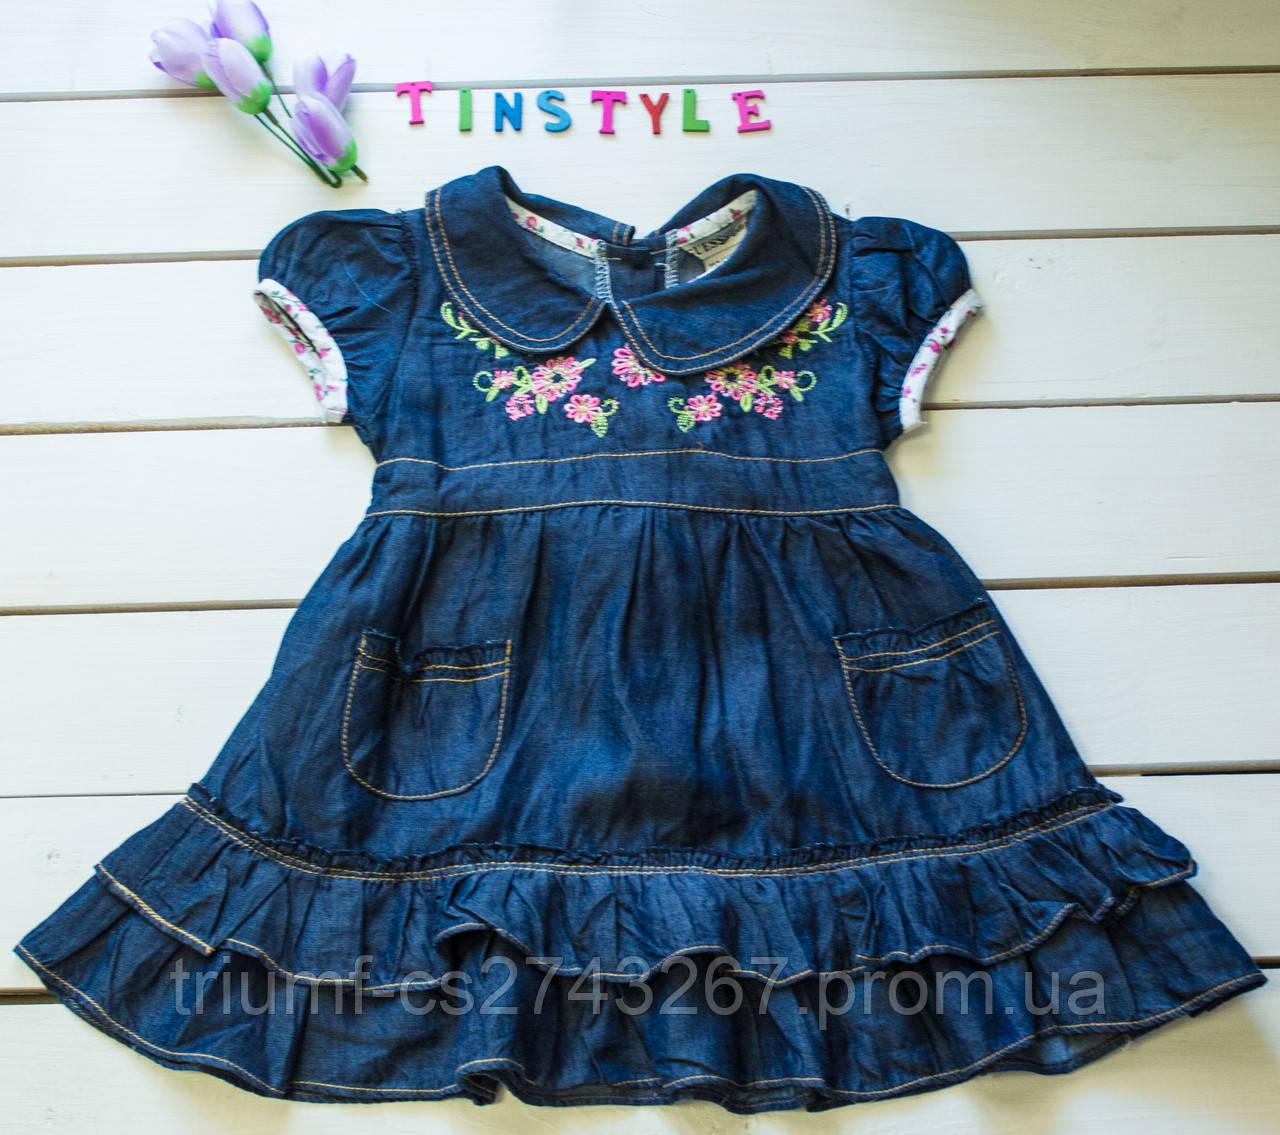 840fe049c48 Летнее платьице для девочки на 1 годик - Интернет -магазин